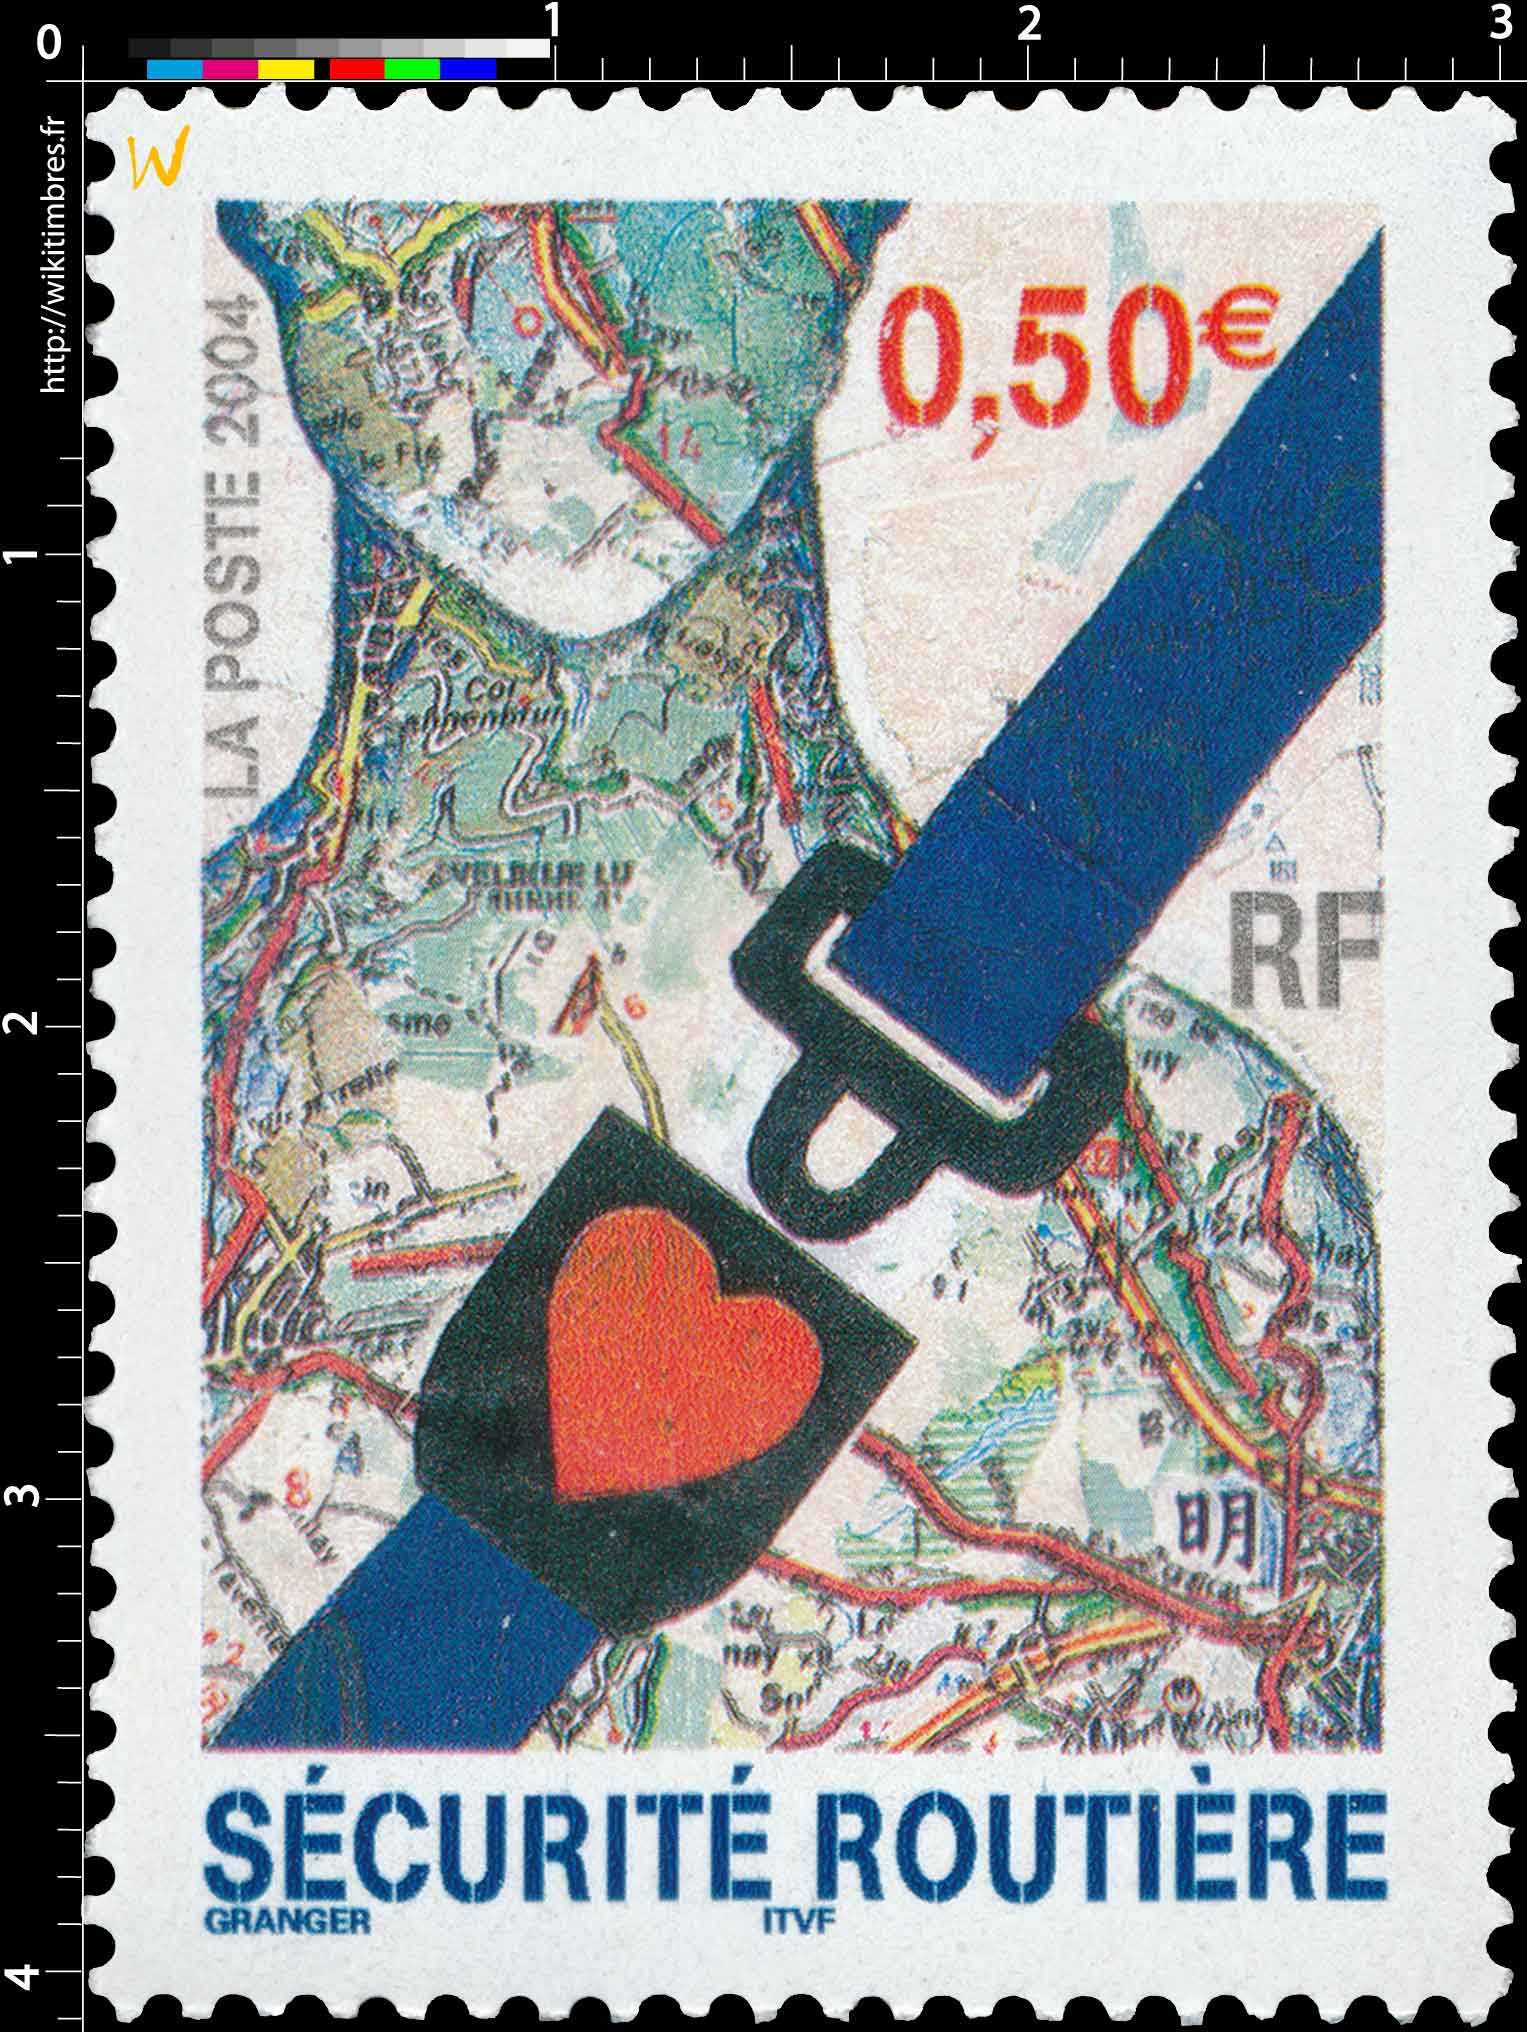 2004 SÉCURITÉ ROUTIÈRE